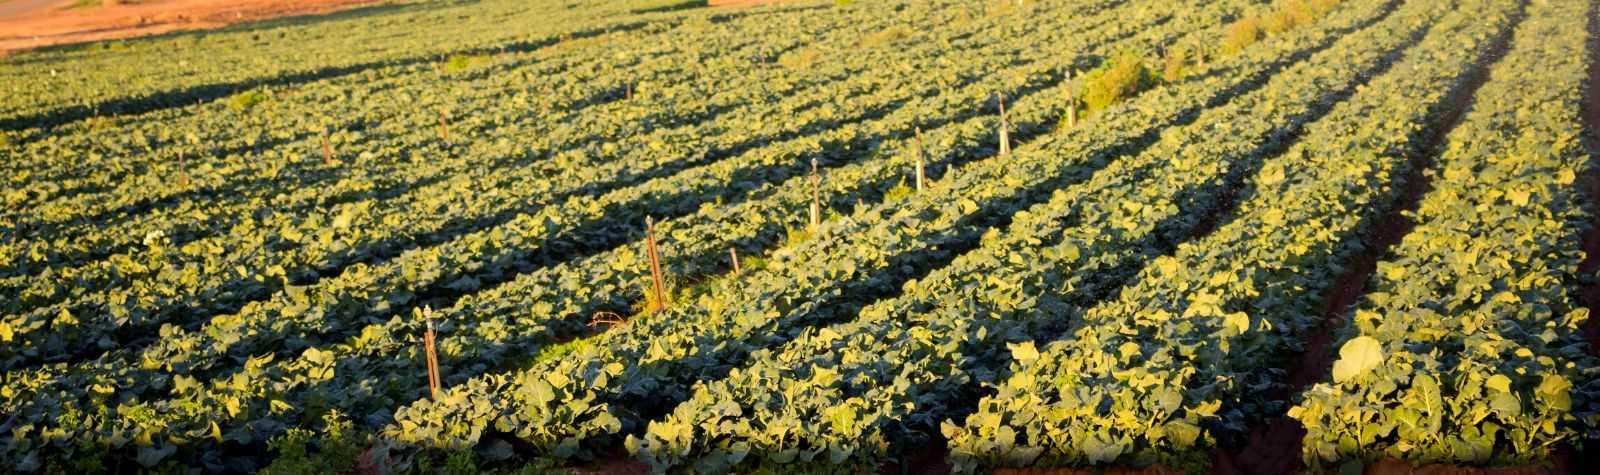 Agua residual, utilización en agricultura y contaminación difusa